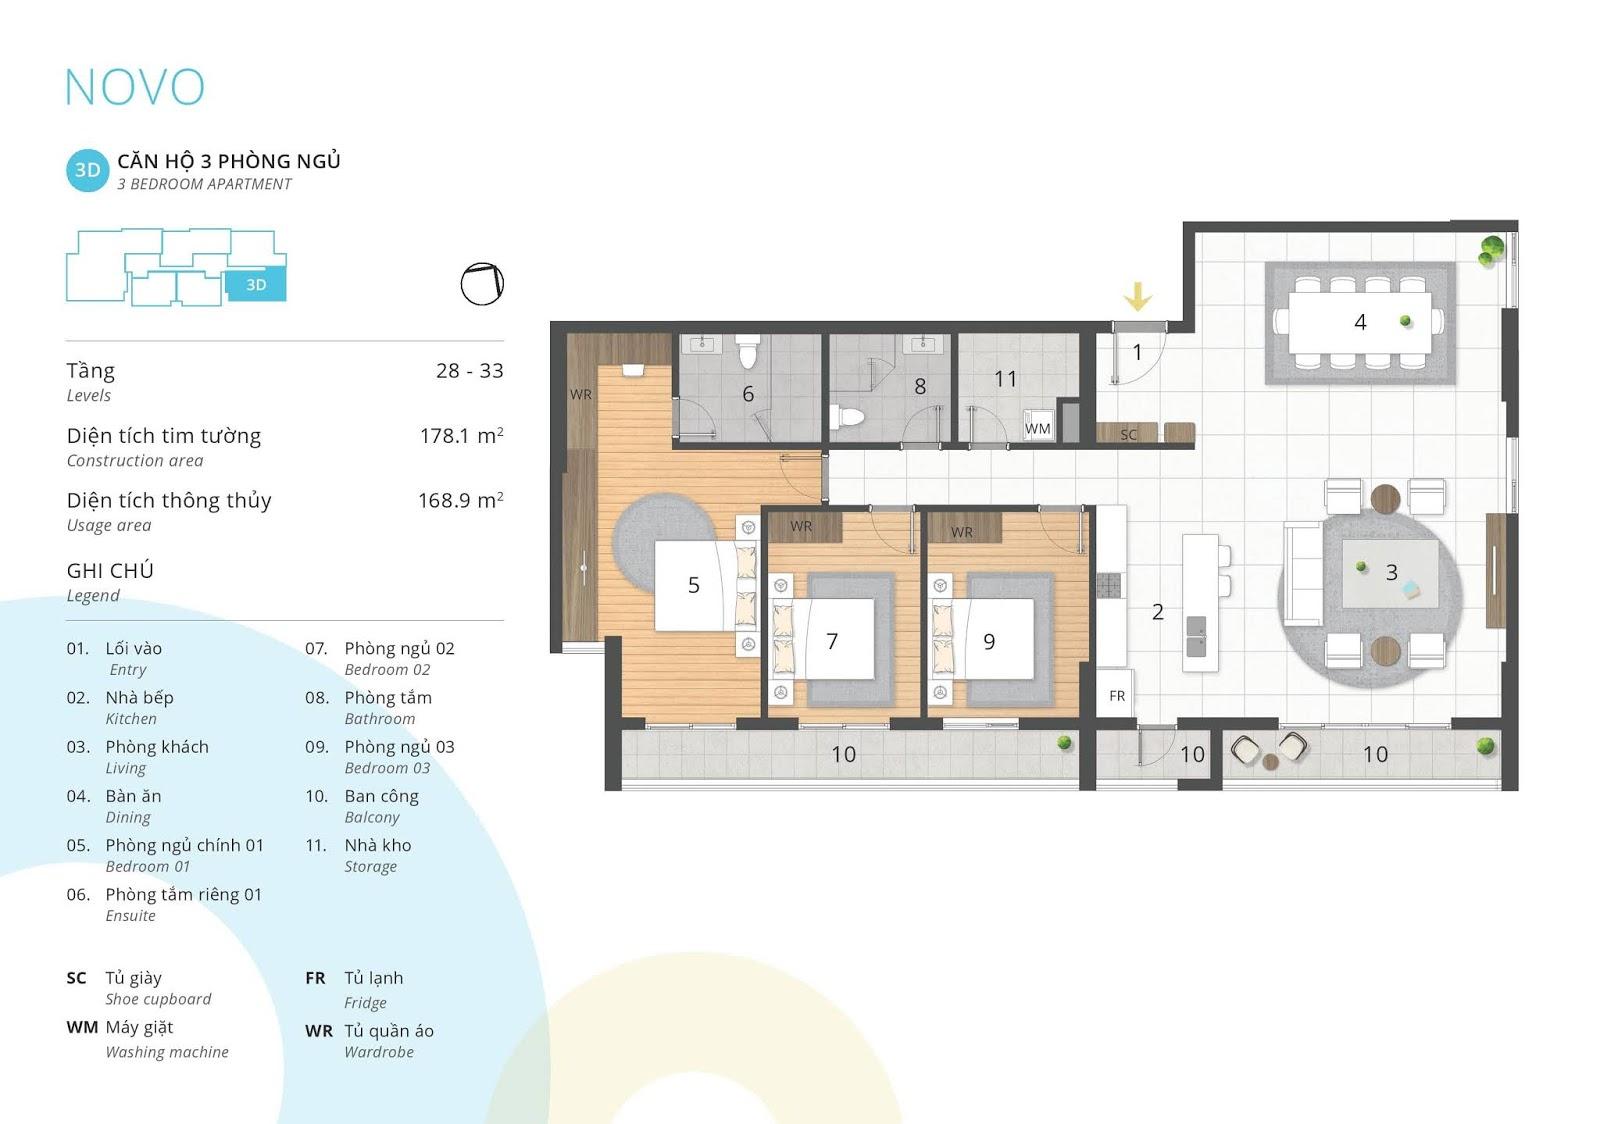 Mặt bằng căn hộ 3 phòng ngủ 168 m2 thông thủy tòa NOVO dự án Kosmo